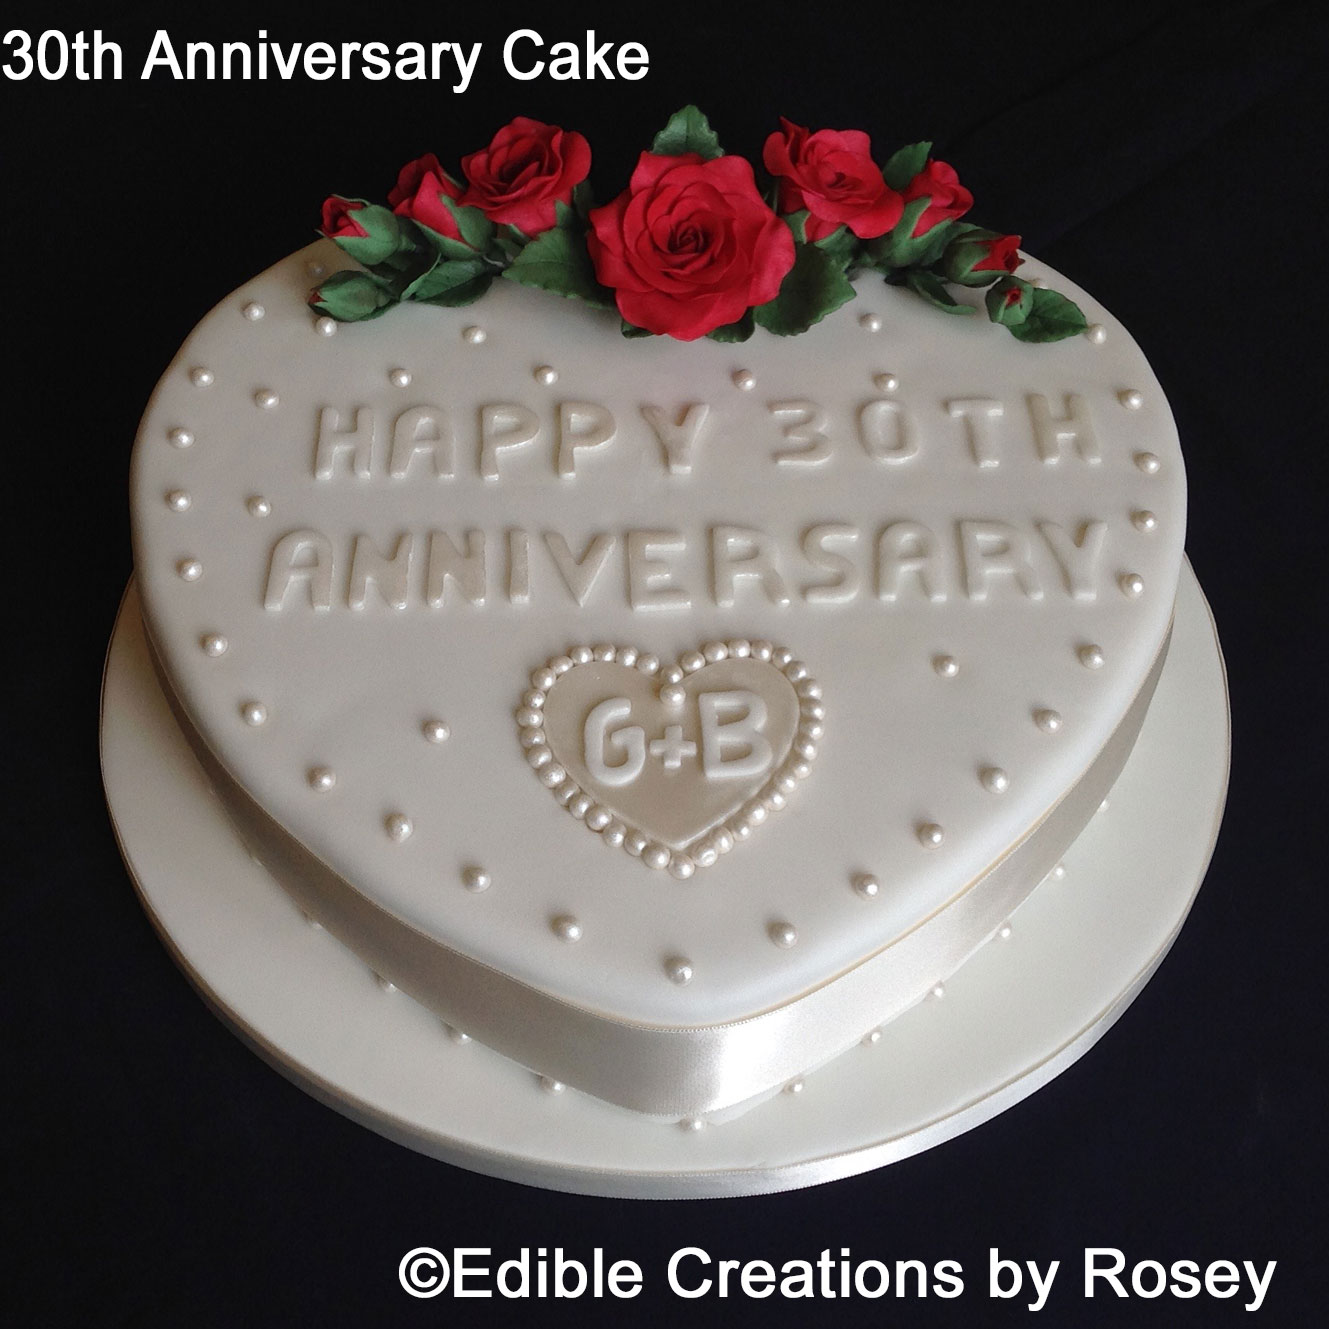 30th Anniversary Cake